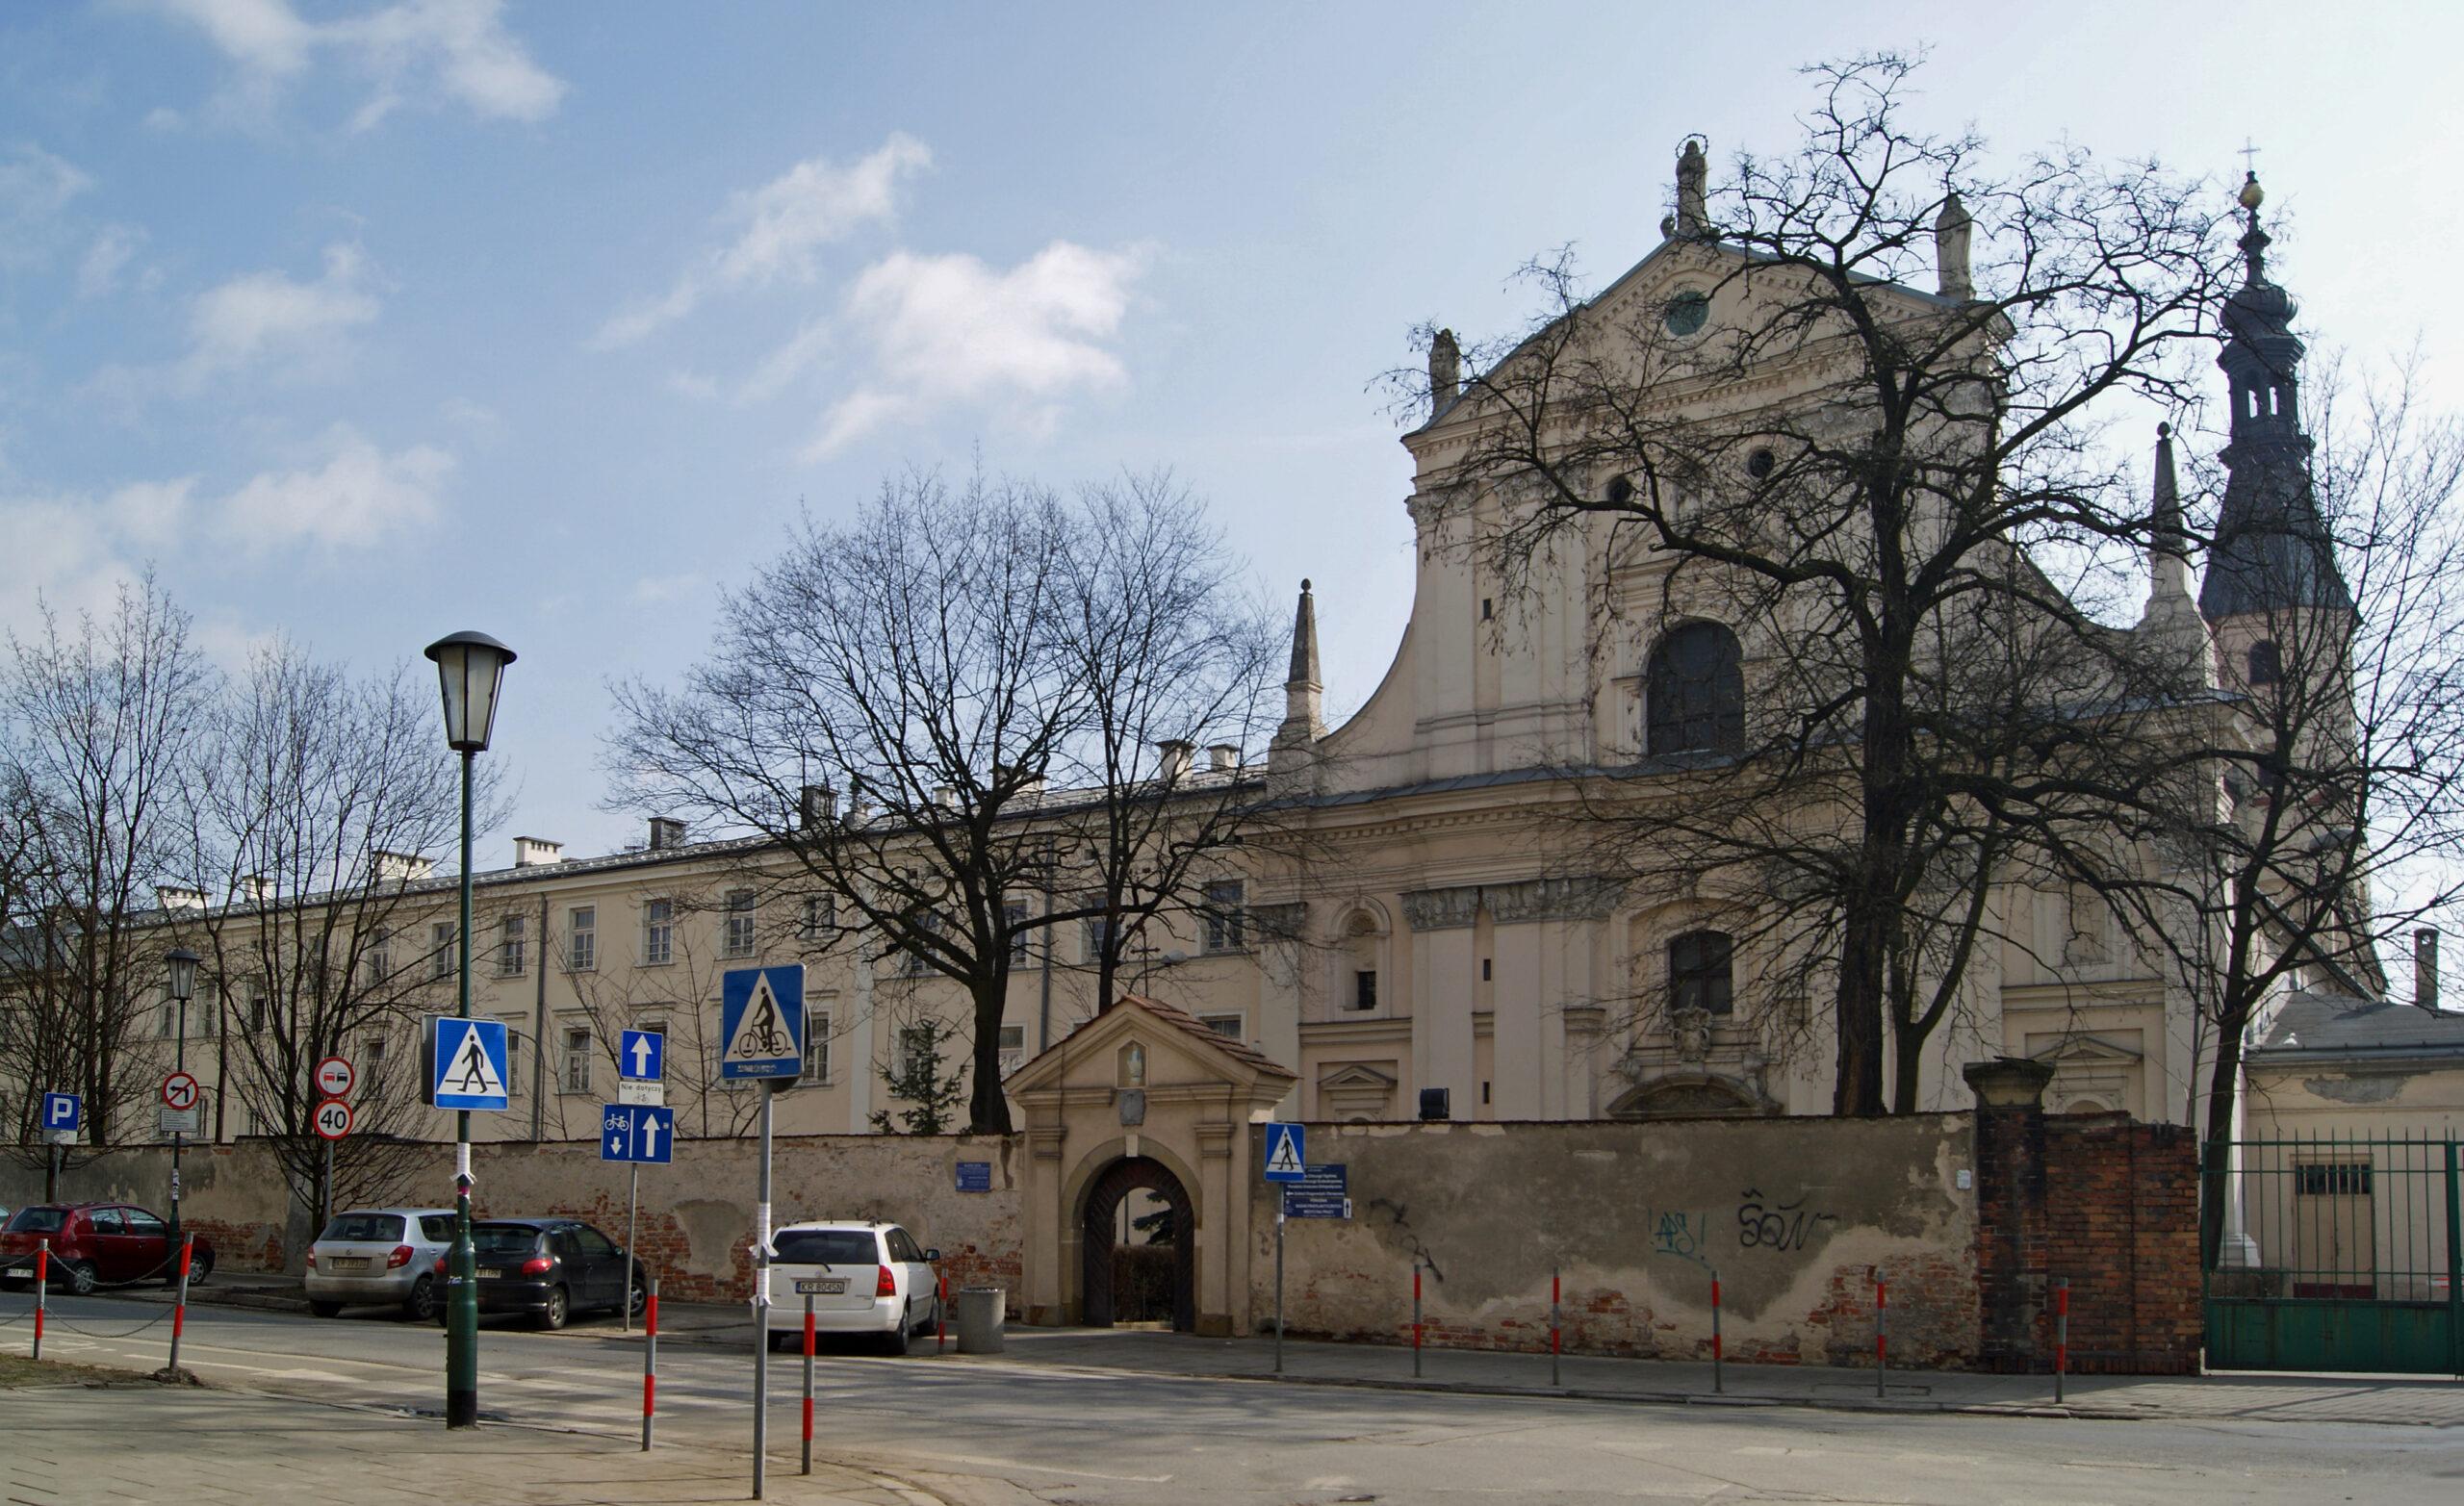 Trwa walka o uratowanie krakowskiego kościoła przed desakralizacją